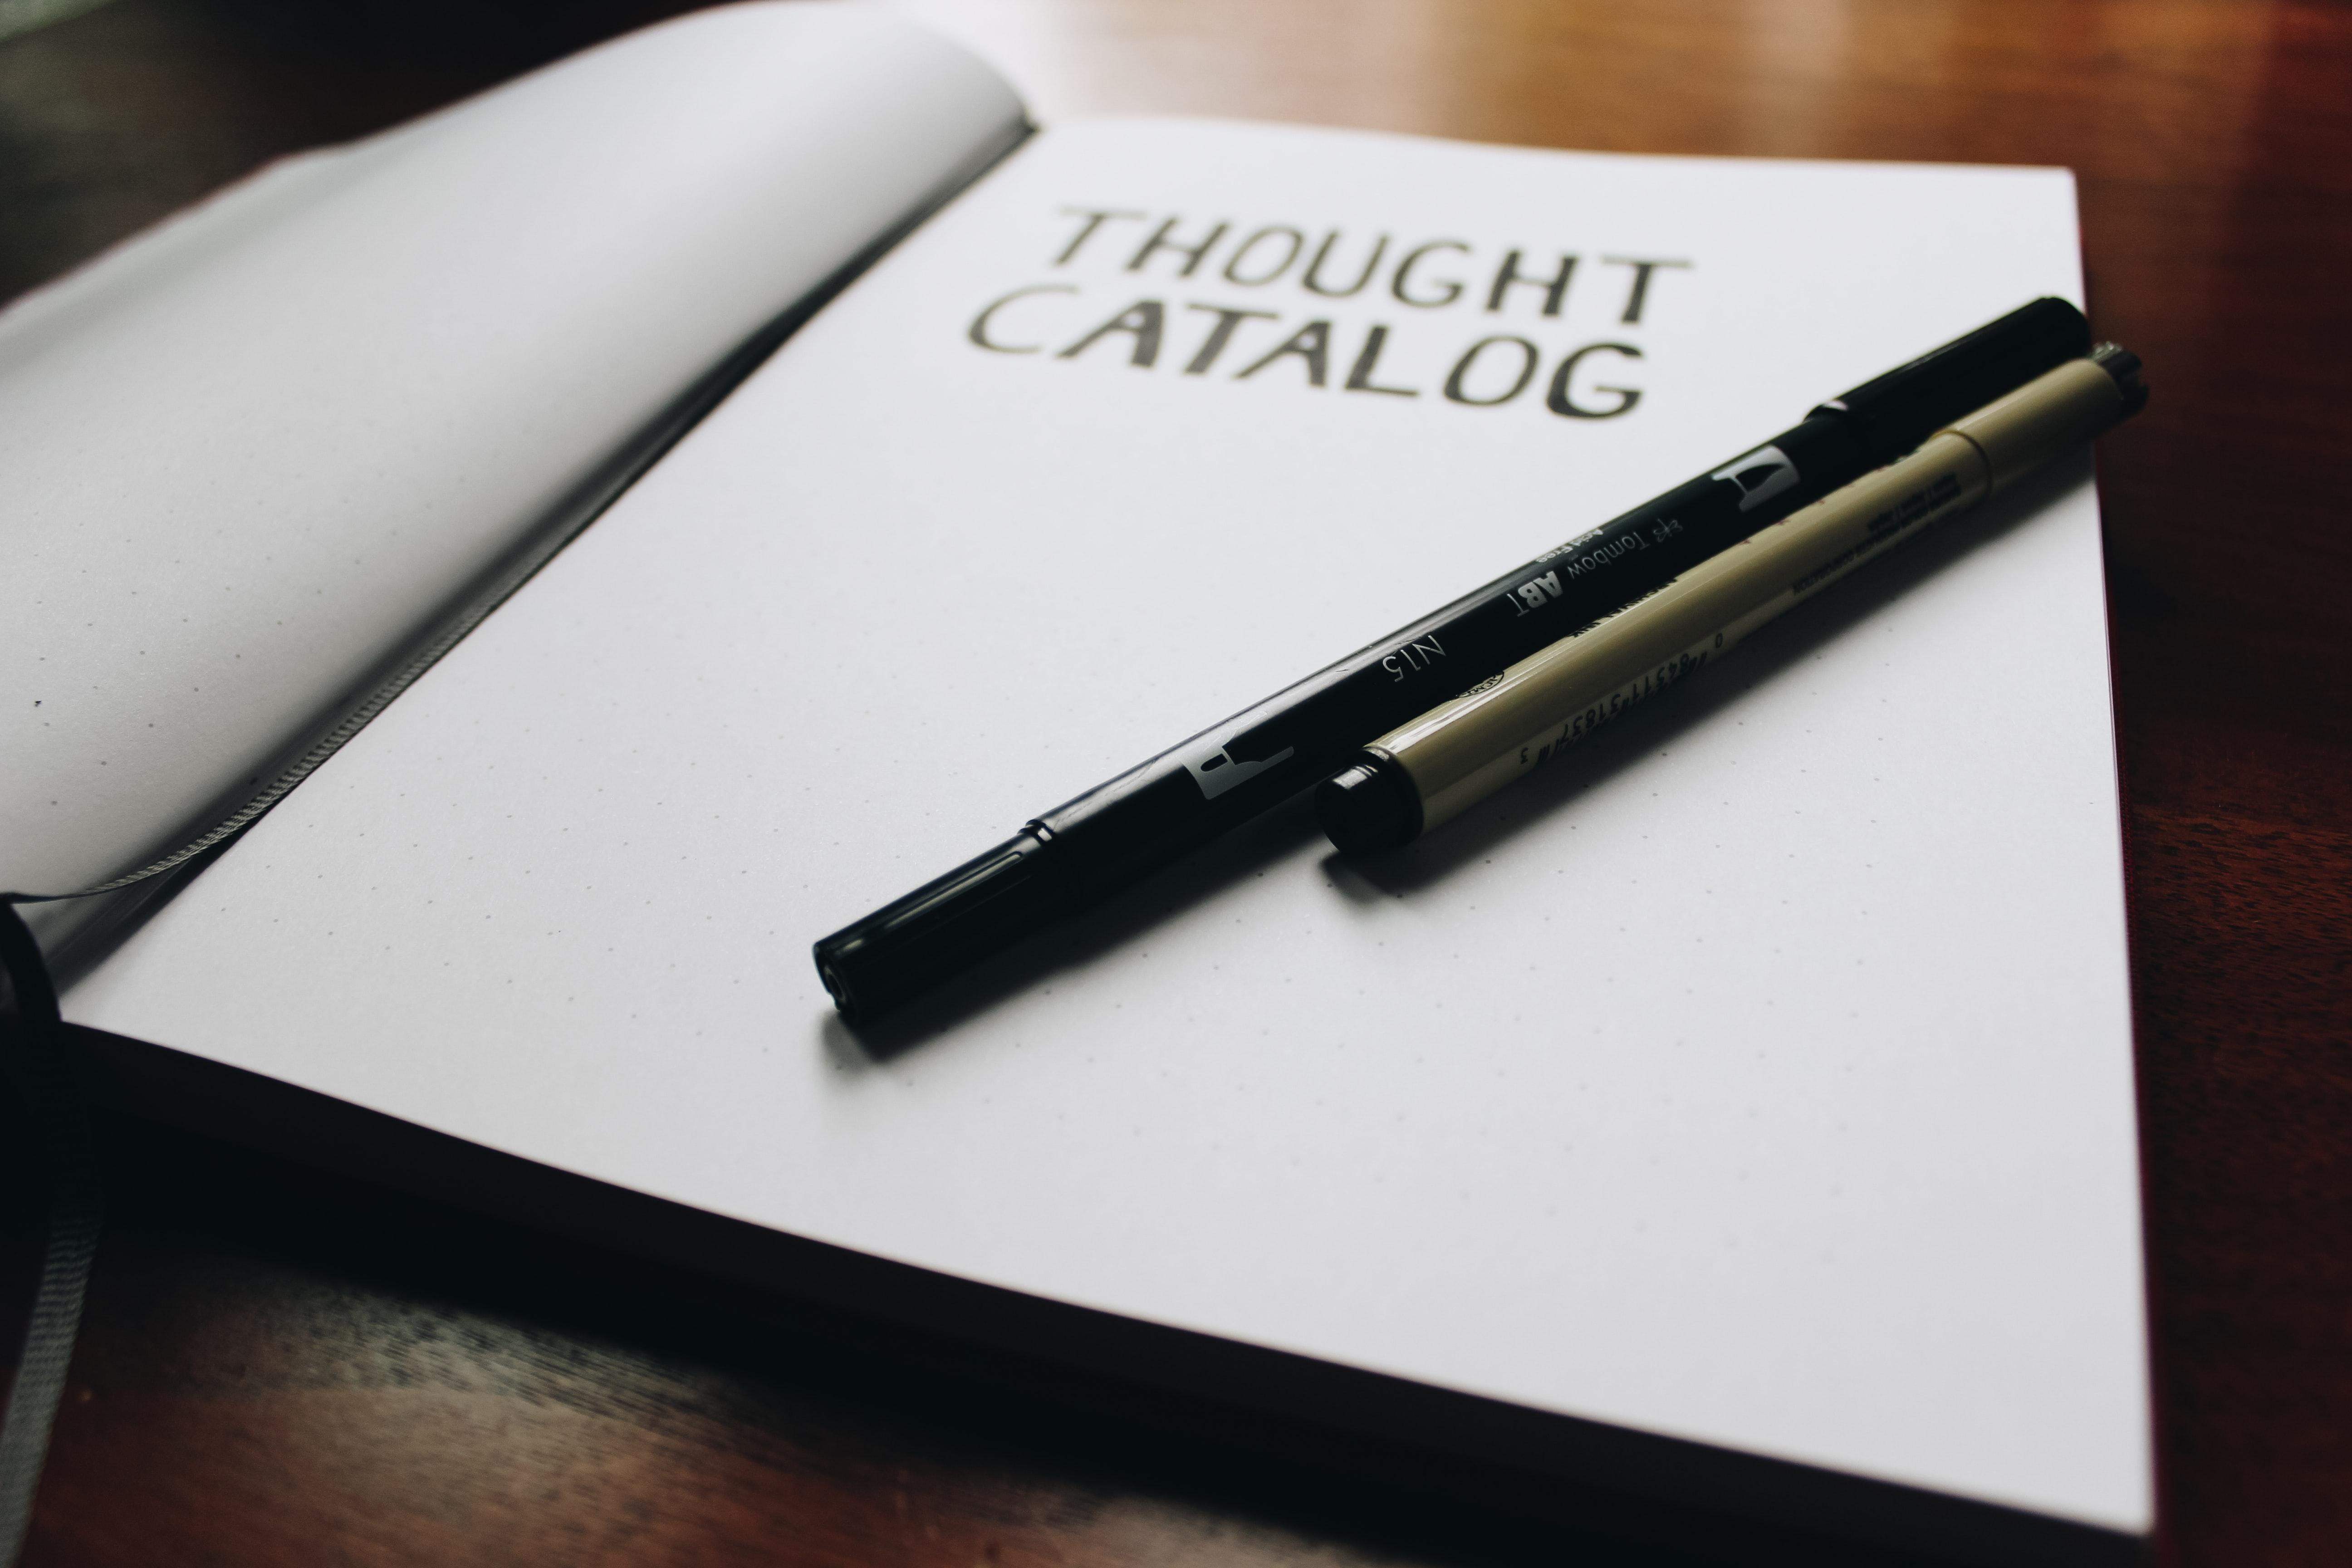 Katalog, na którym leżą długopisy.